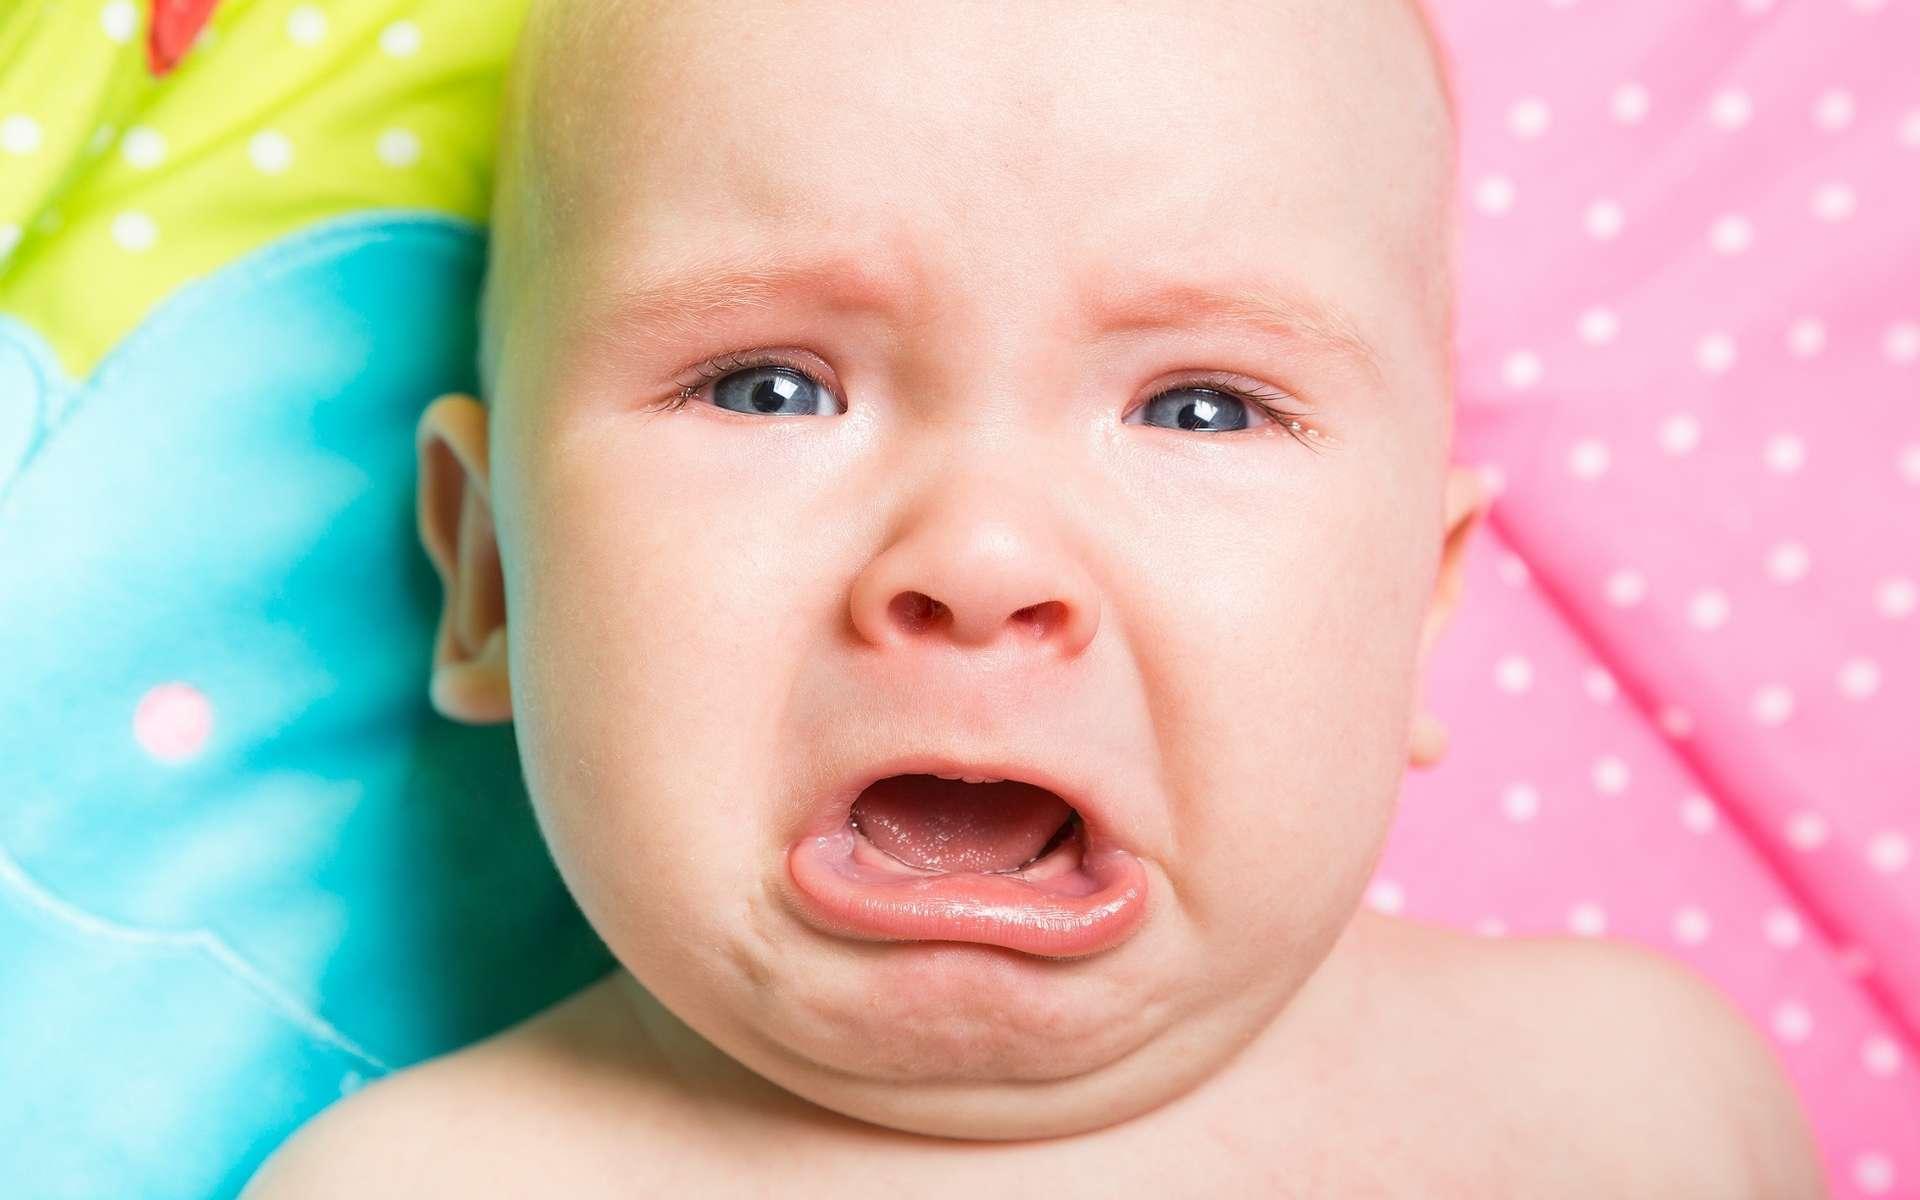 Les pleurs d'un bébé agissent sur le cerveau des adultes et les perturbent plus que des rires. © www.BillionPhotos.com, Shutterstock